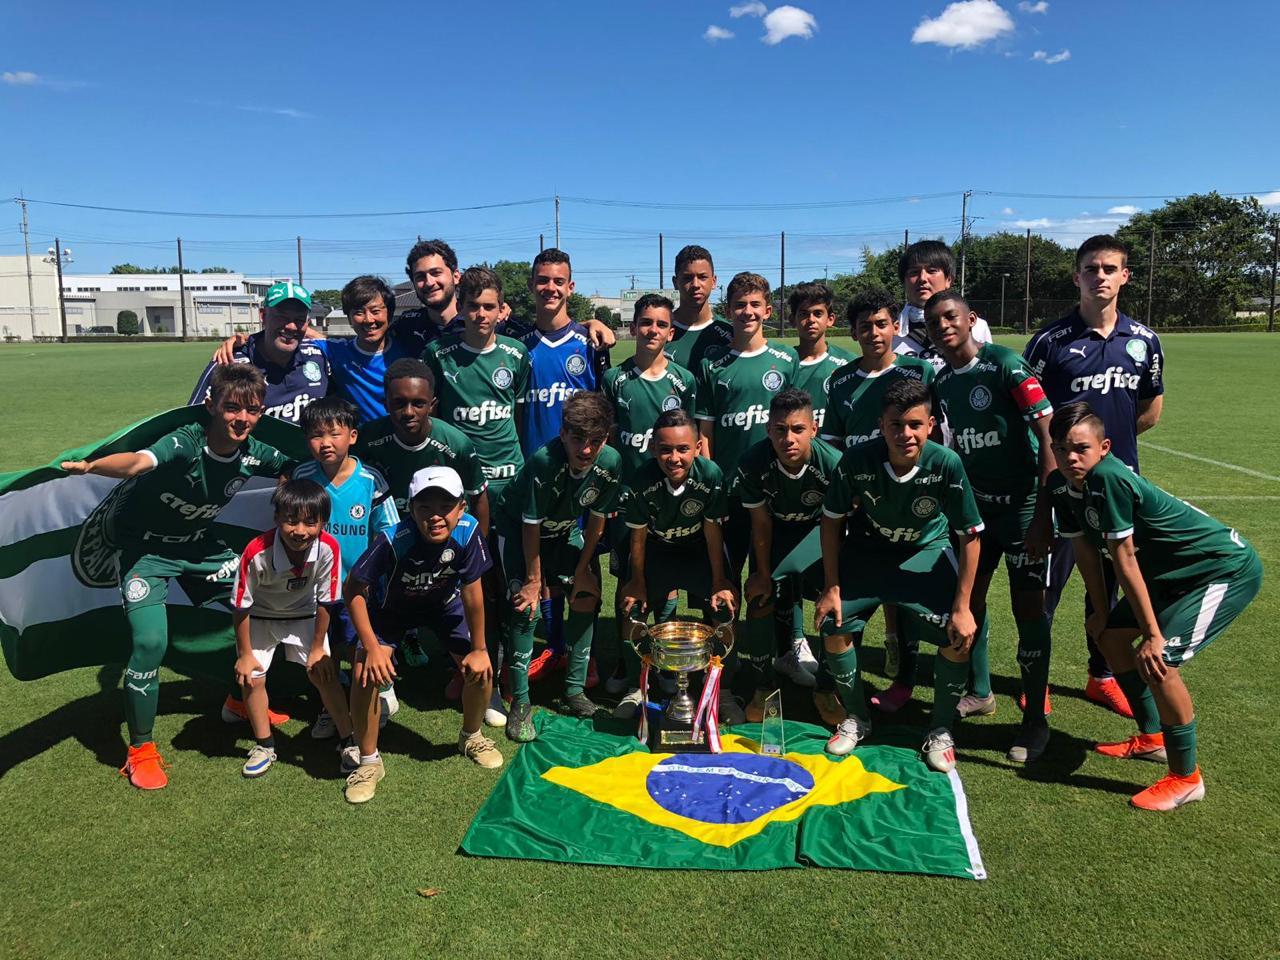 Divulgação_O Sub-13 alviverde venceu a Mito HollyHock Cup pelo segundo ano consecutivo